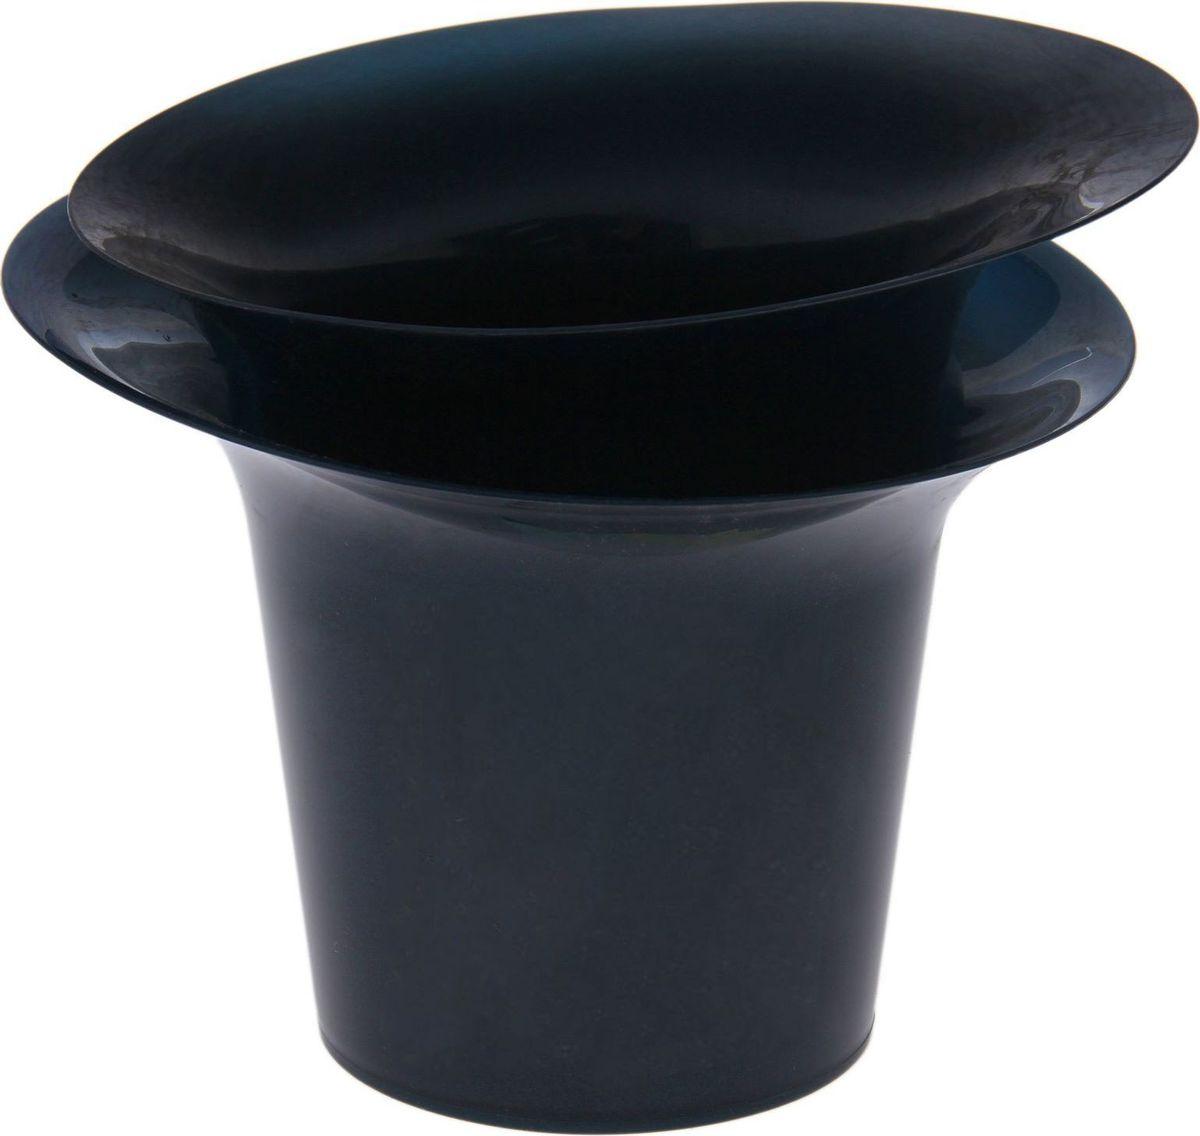 Горшок для цветов Техоснастка Модерн, цвет: синий перламутр, 1 л1442641Цветочный горшок — это не просто ёмкость для выращивания комнатных растений, но и важный элемент декора.Посадите растение в изделие «Модерн»! Его интересная форма дополнит интерьер, а качественный материал будет радовать вас долгие годы. Пластик полностью безопасен и не вступает в реакцию с почвой и корнями растения.Помимо этого, горшокЛёгкий, что делает удобной его транспортировку и эксплуатацию.Практичный: можно использовать для большинства комнатных растений. Цельный — вам не потребуется кашпо, чтобы вывести лишнюю влагу.